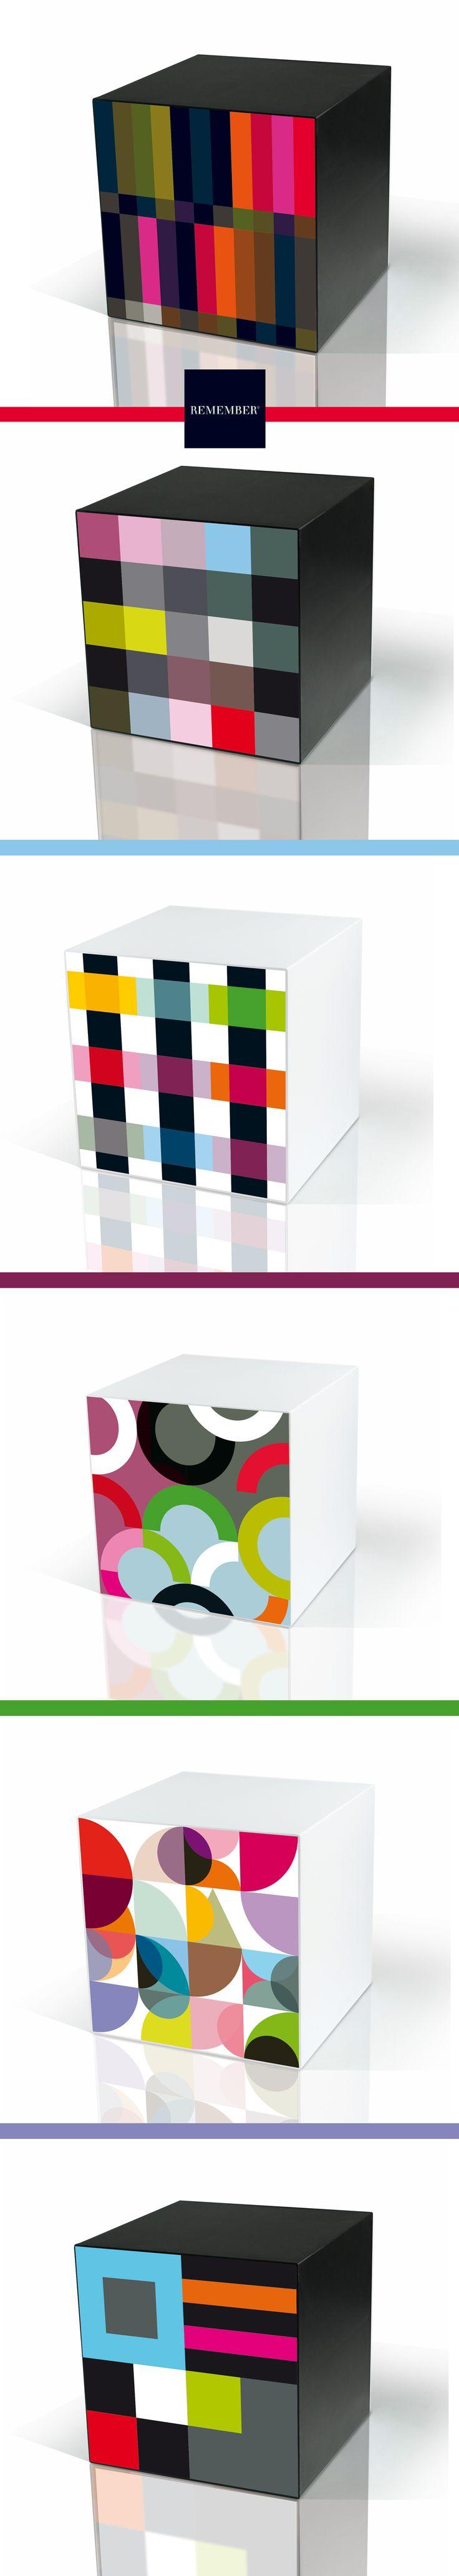 Na półkę, stolik lub komodę, zobaczcie kilka fajnych propozycji marki Remember w naszym sklepie ! Jak Wam się podobają? → http://bit.ly/remember-lightonline